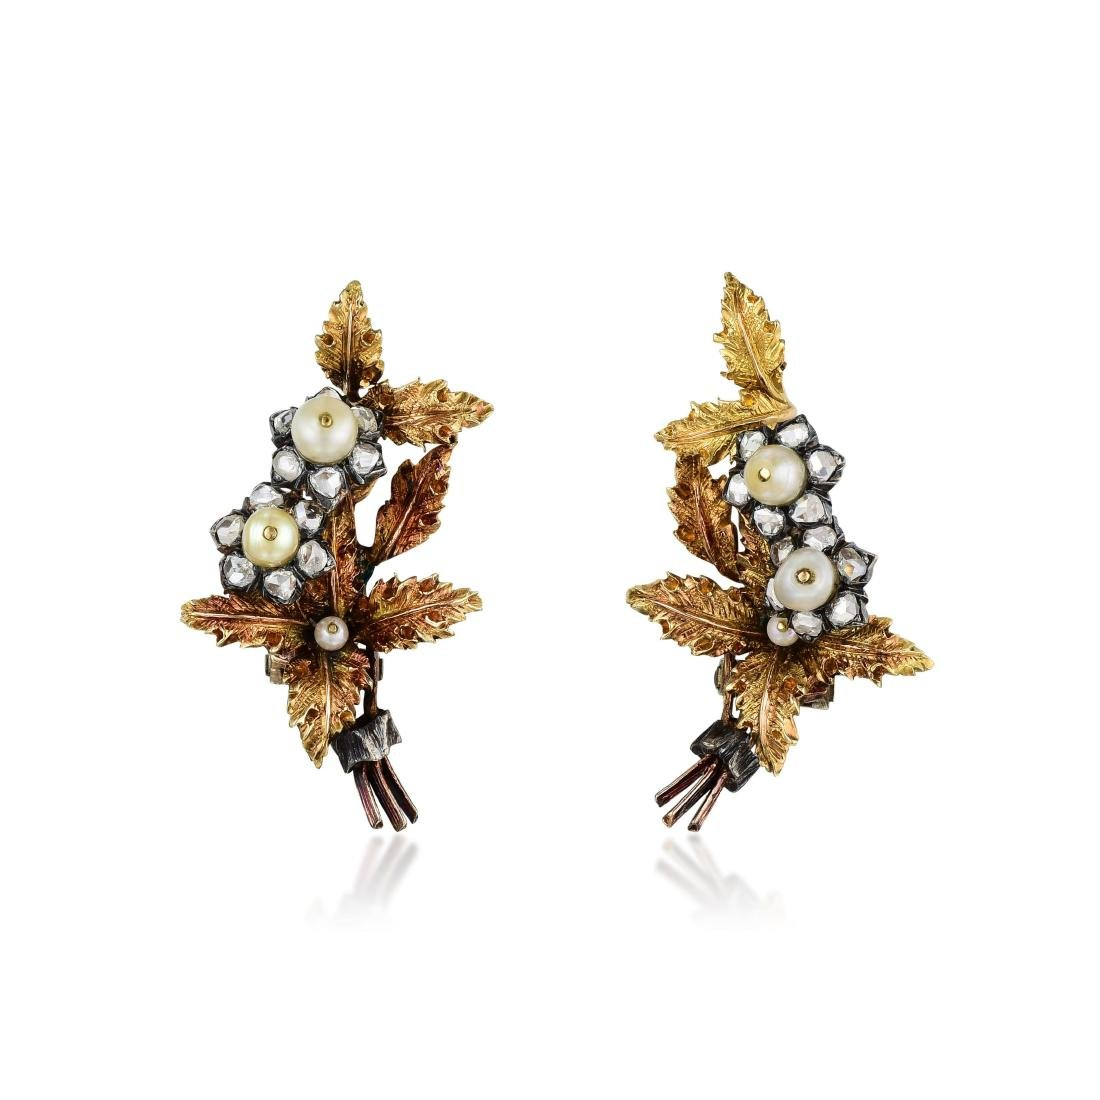 Buccellati Diamond and Pearl Earclips